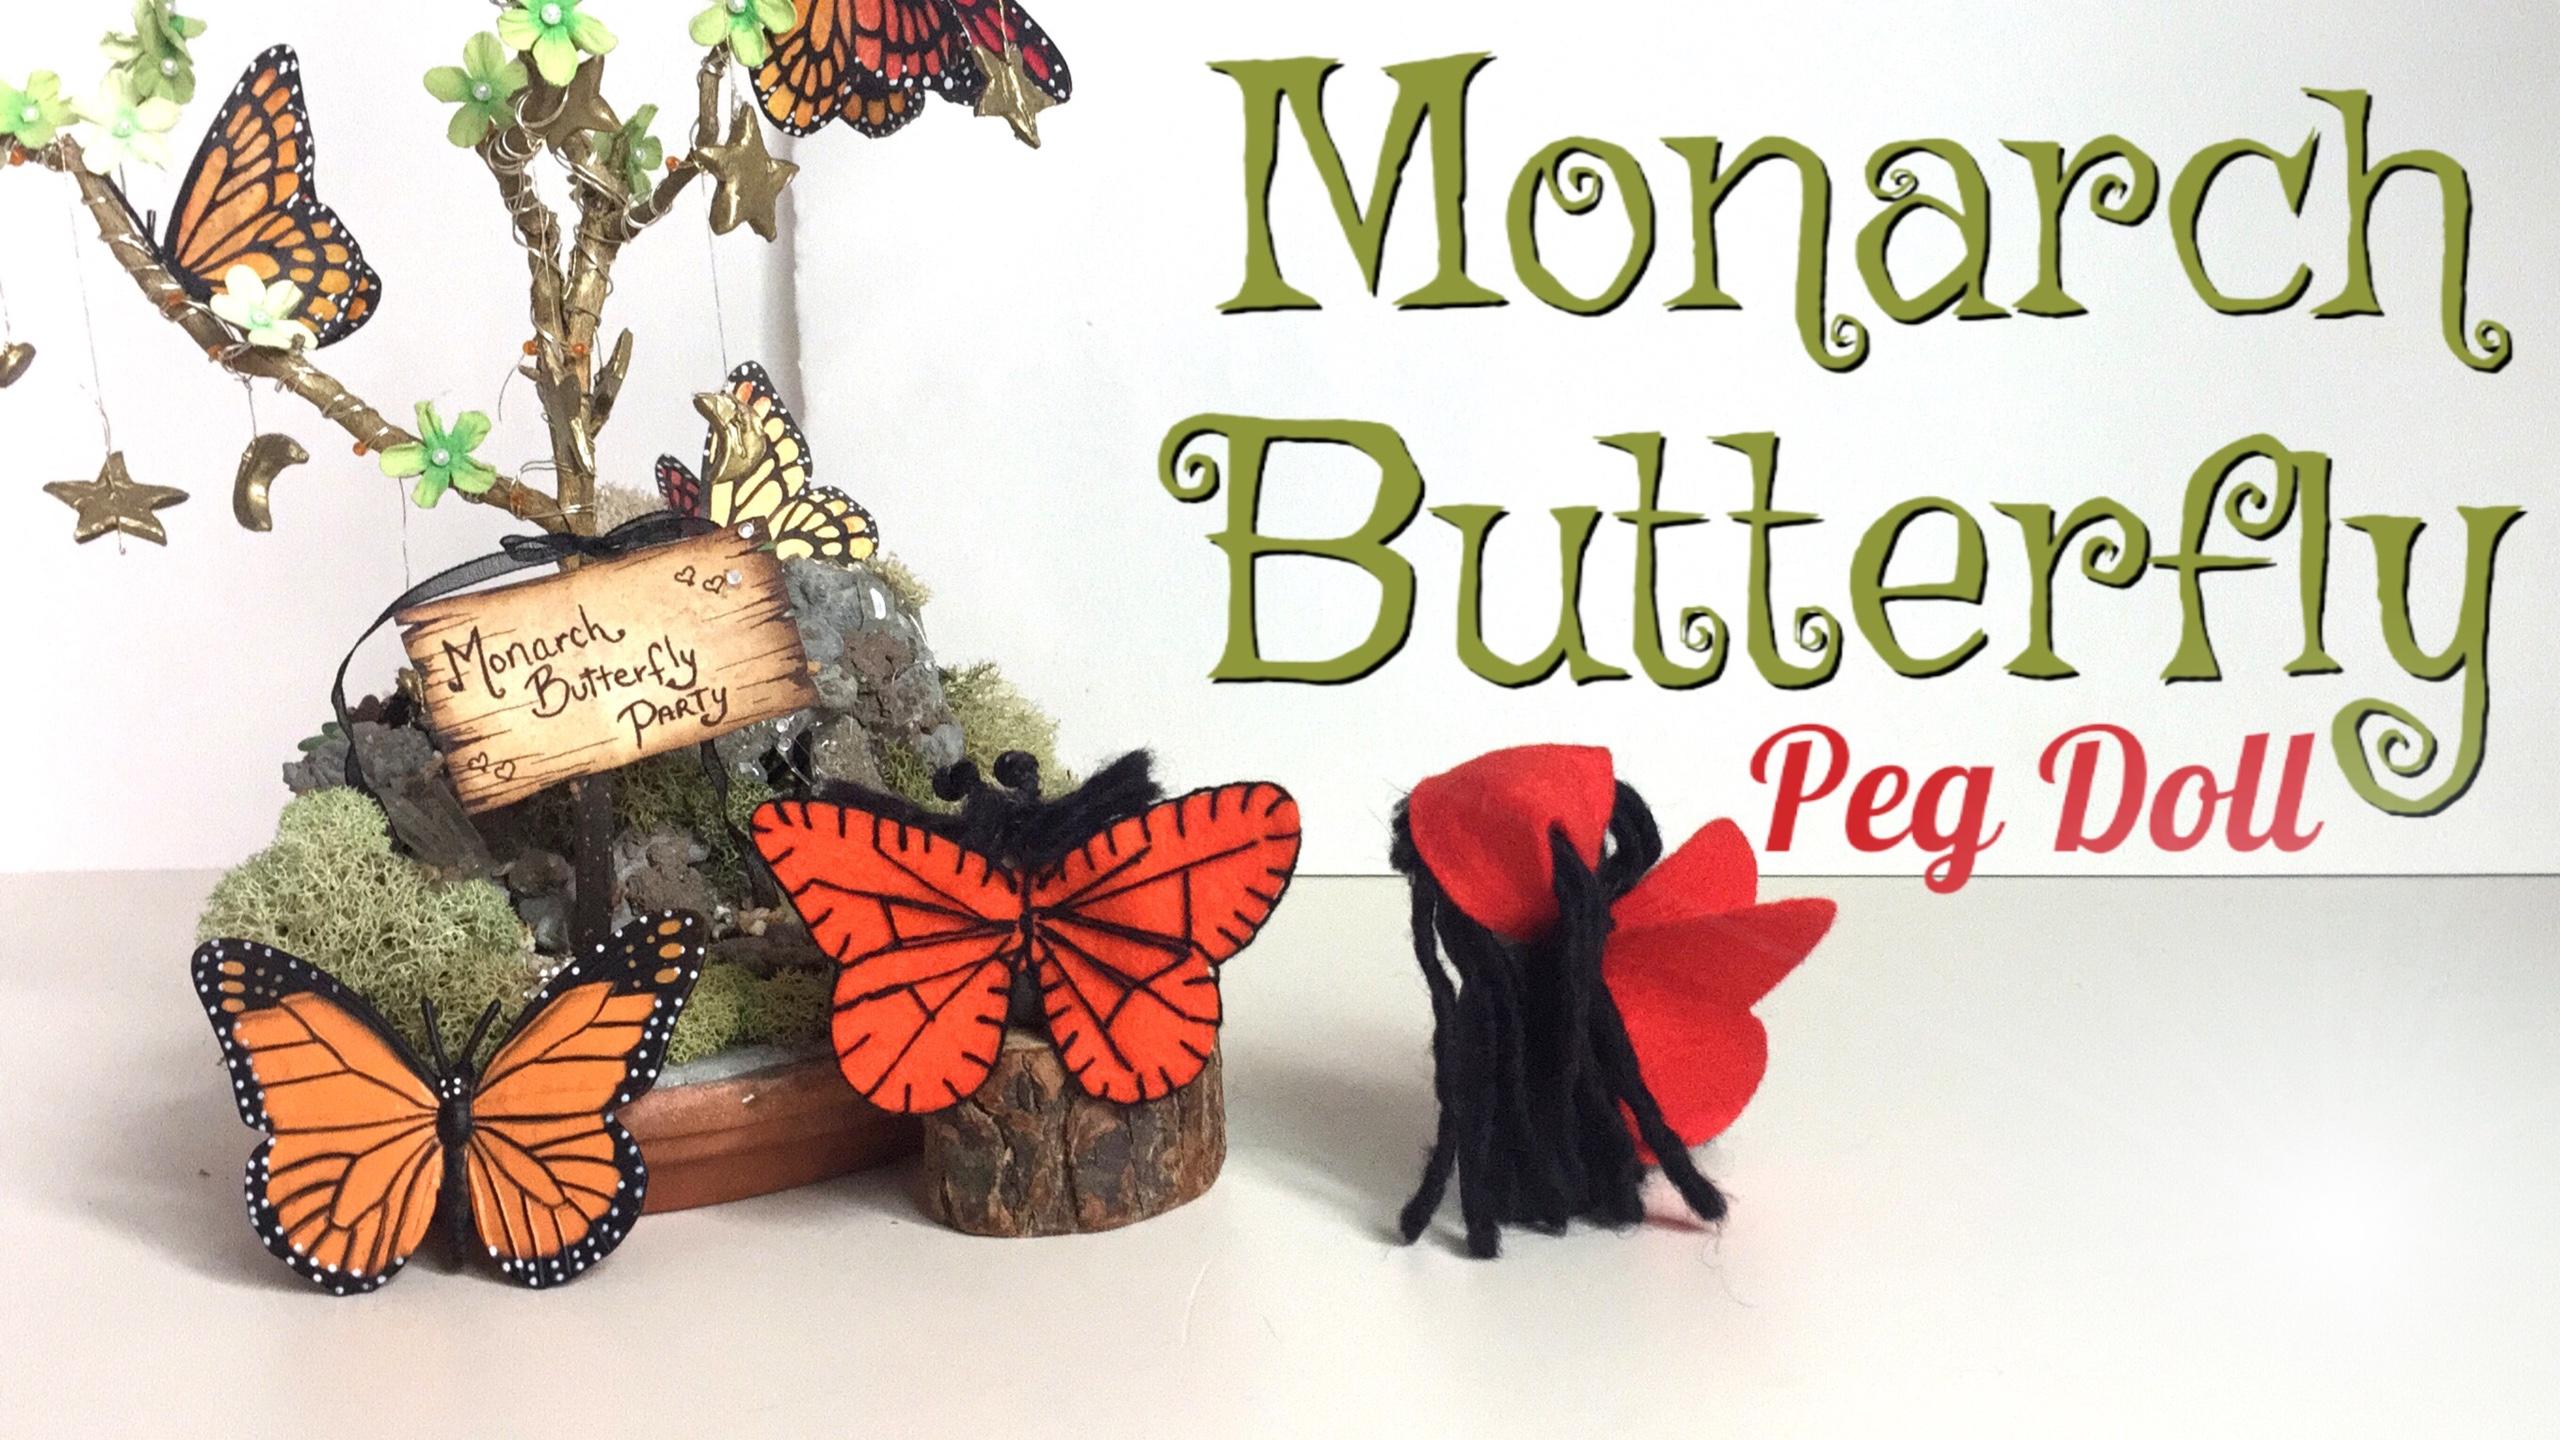 MONARCH BUTTERFLY PEG DOLL